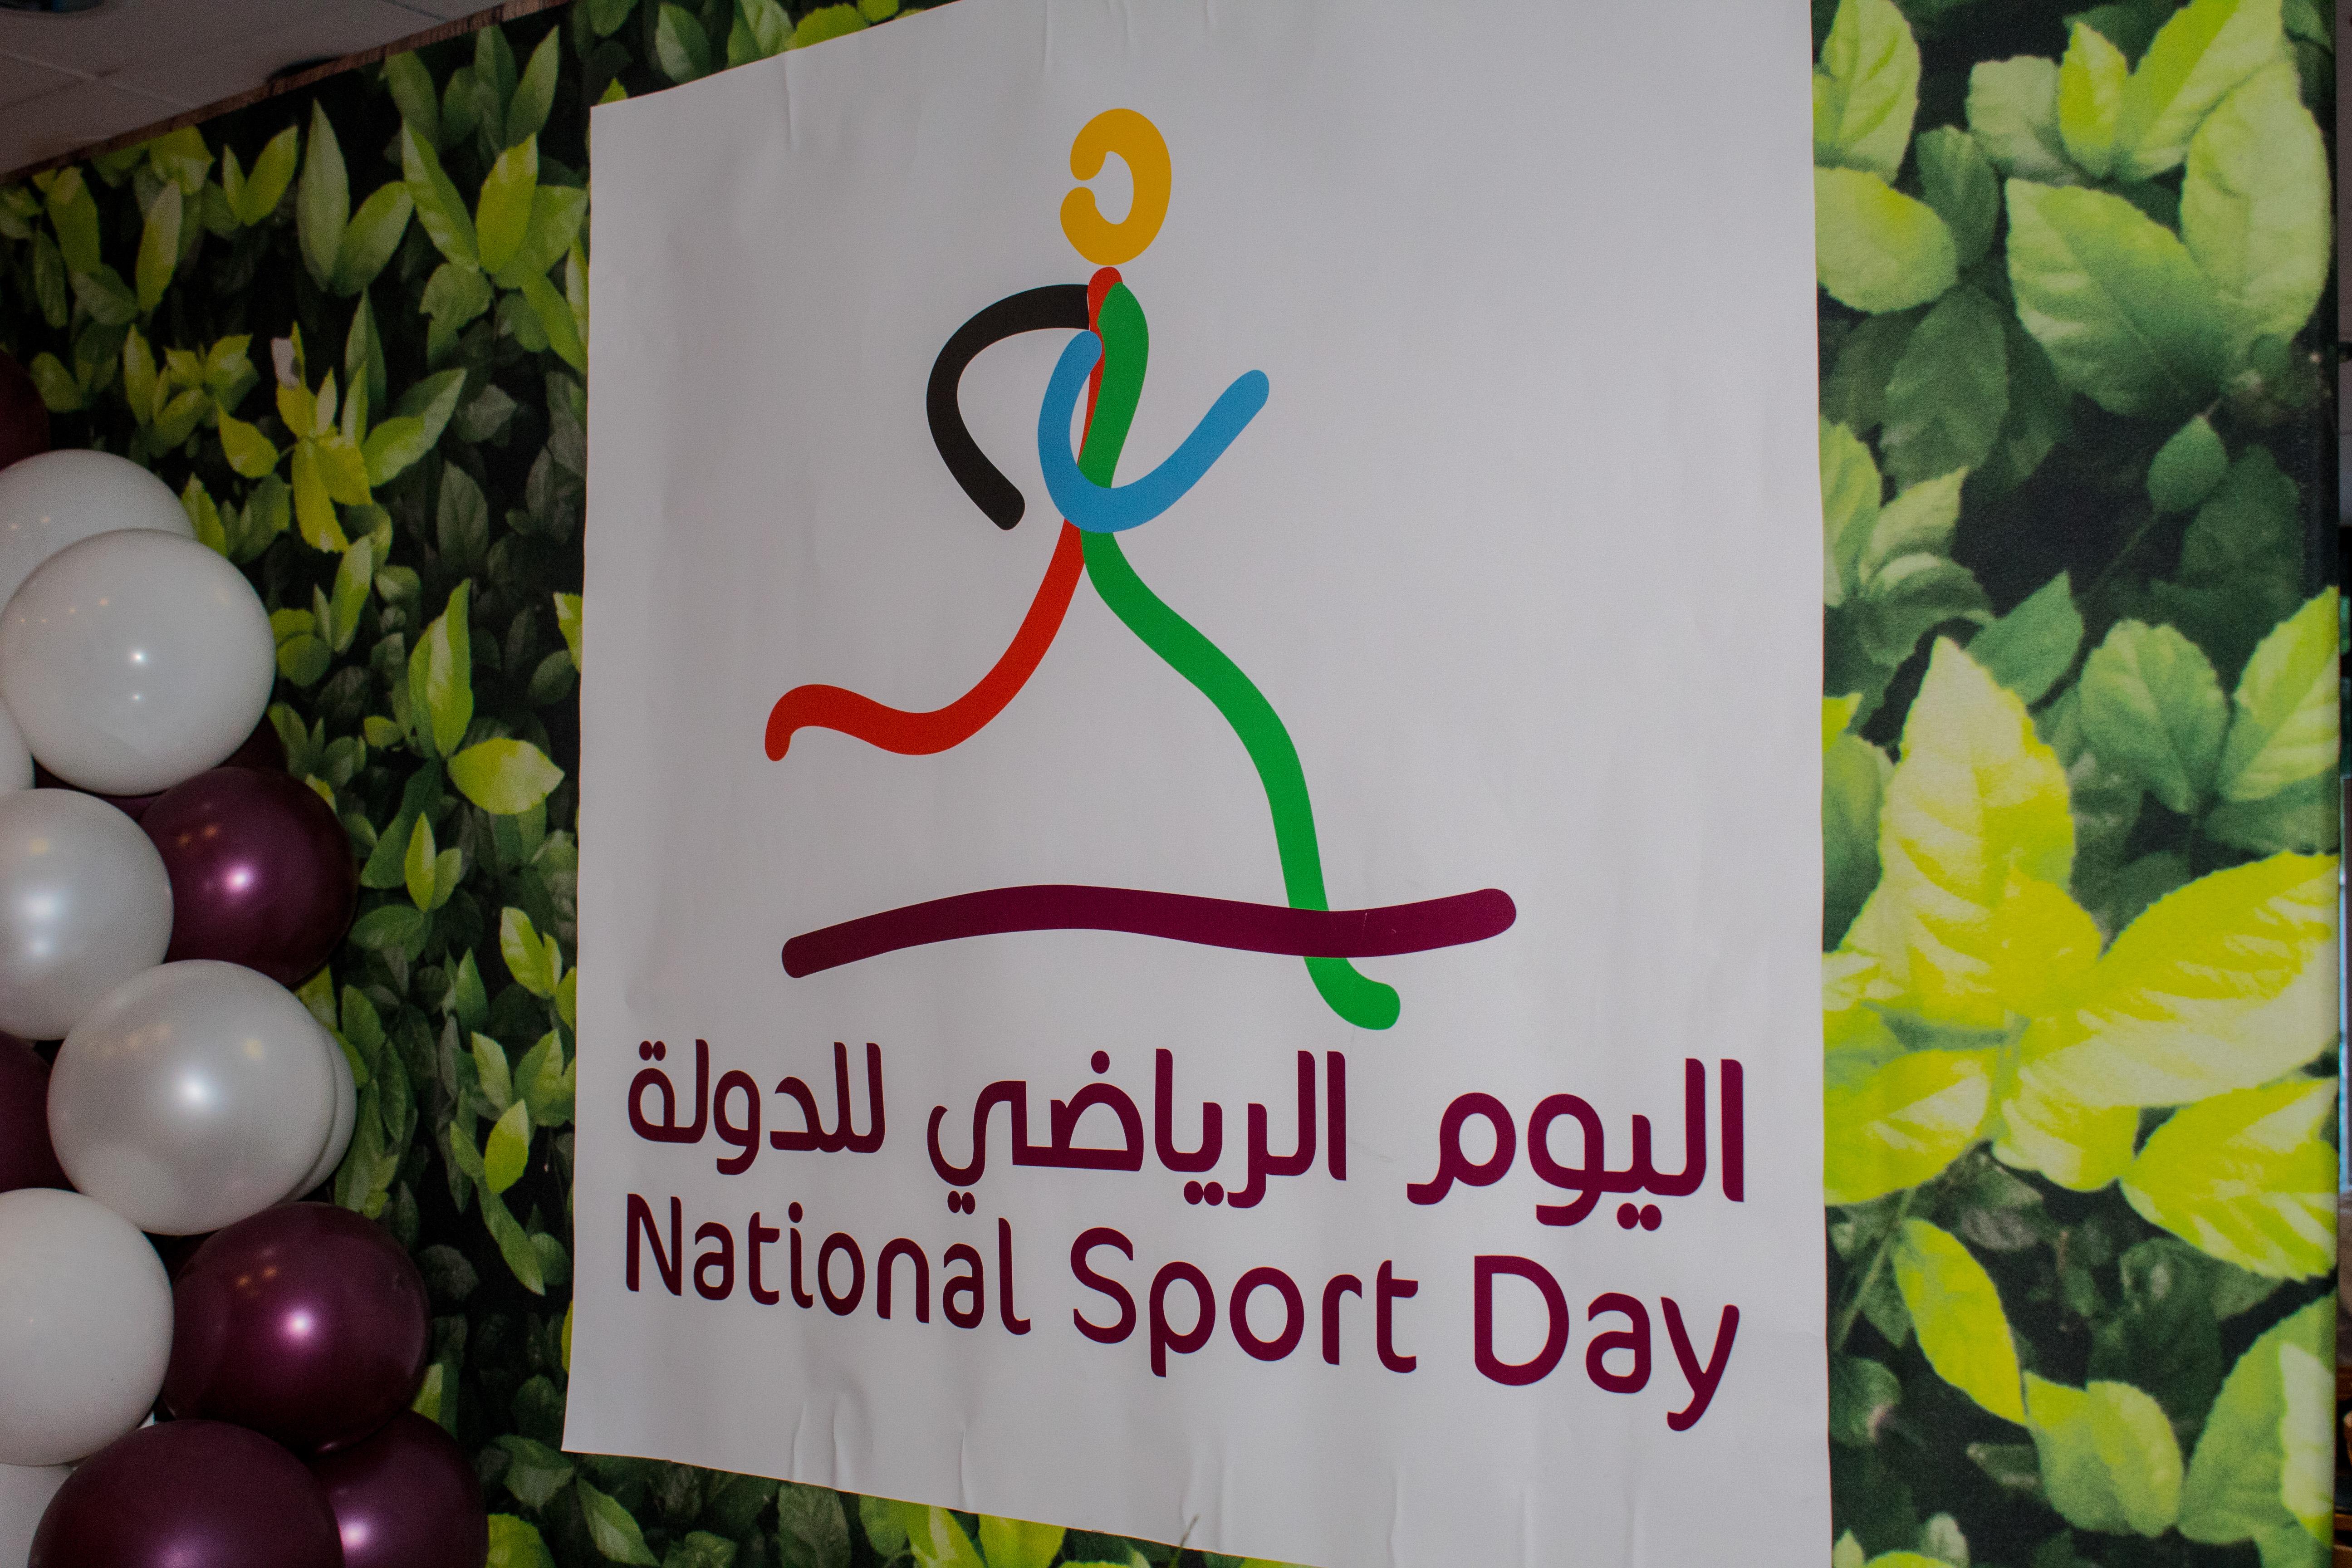 El Día Nacional del Deporte del Estado de Qatar, organizado por la embajada de ese país en Buenos Aires